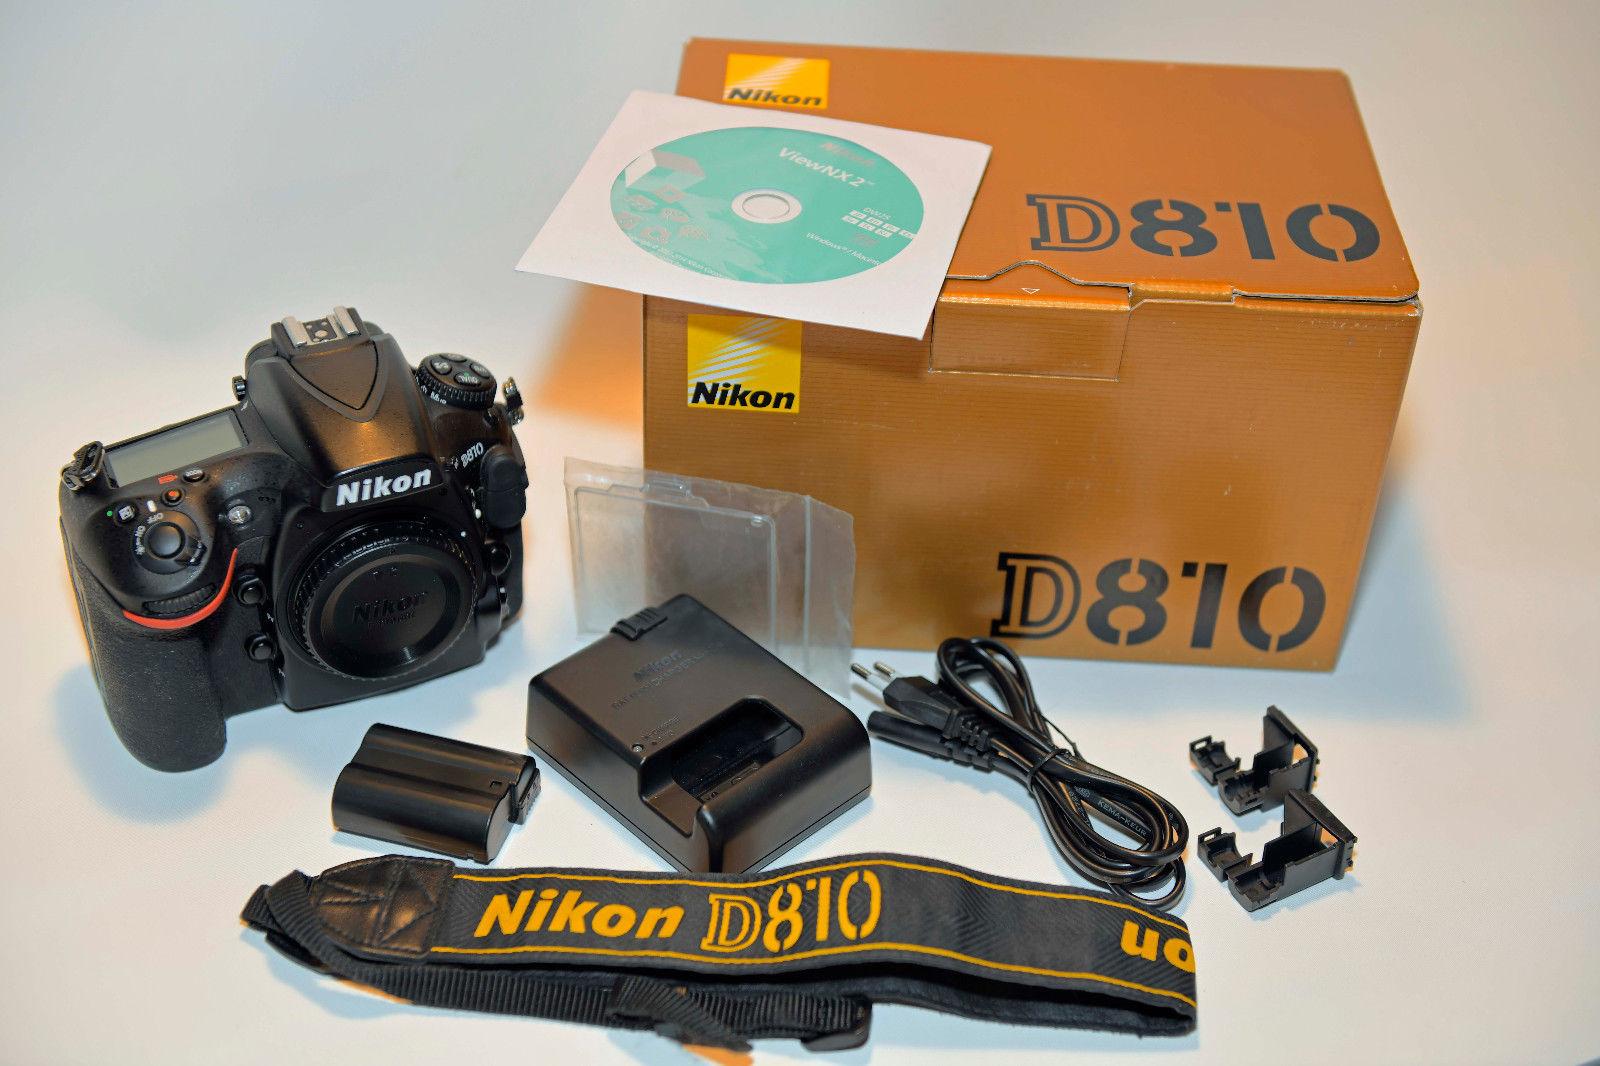 Nikon D810 36.3MP Digitalkamera, nur Gehäuse in OVP weniger als 6700 Auslösungen